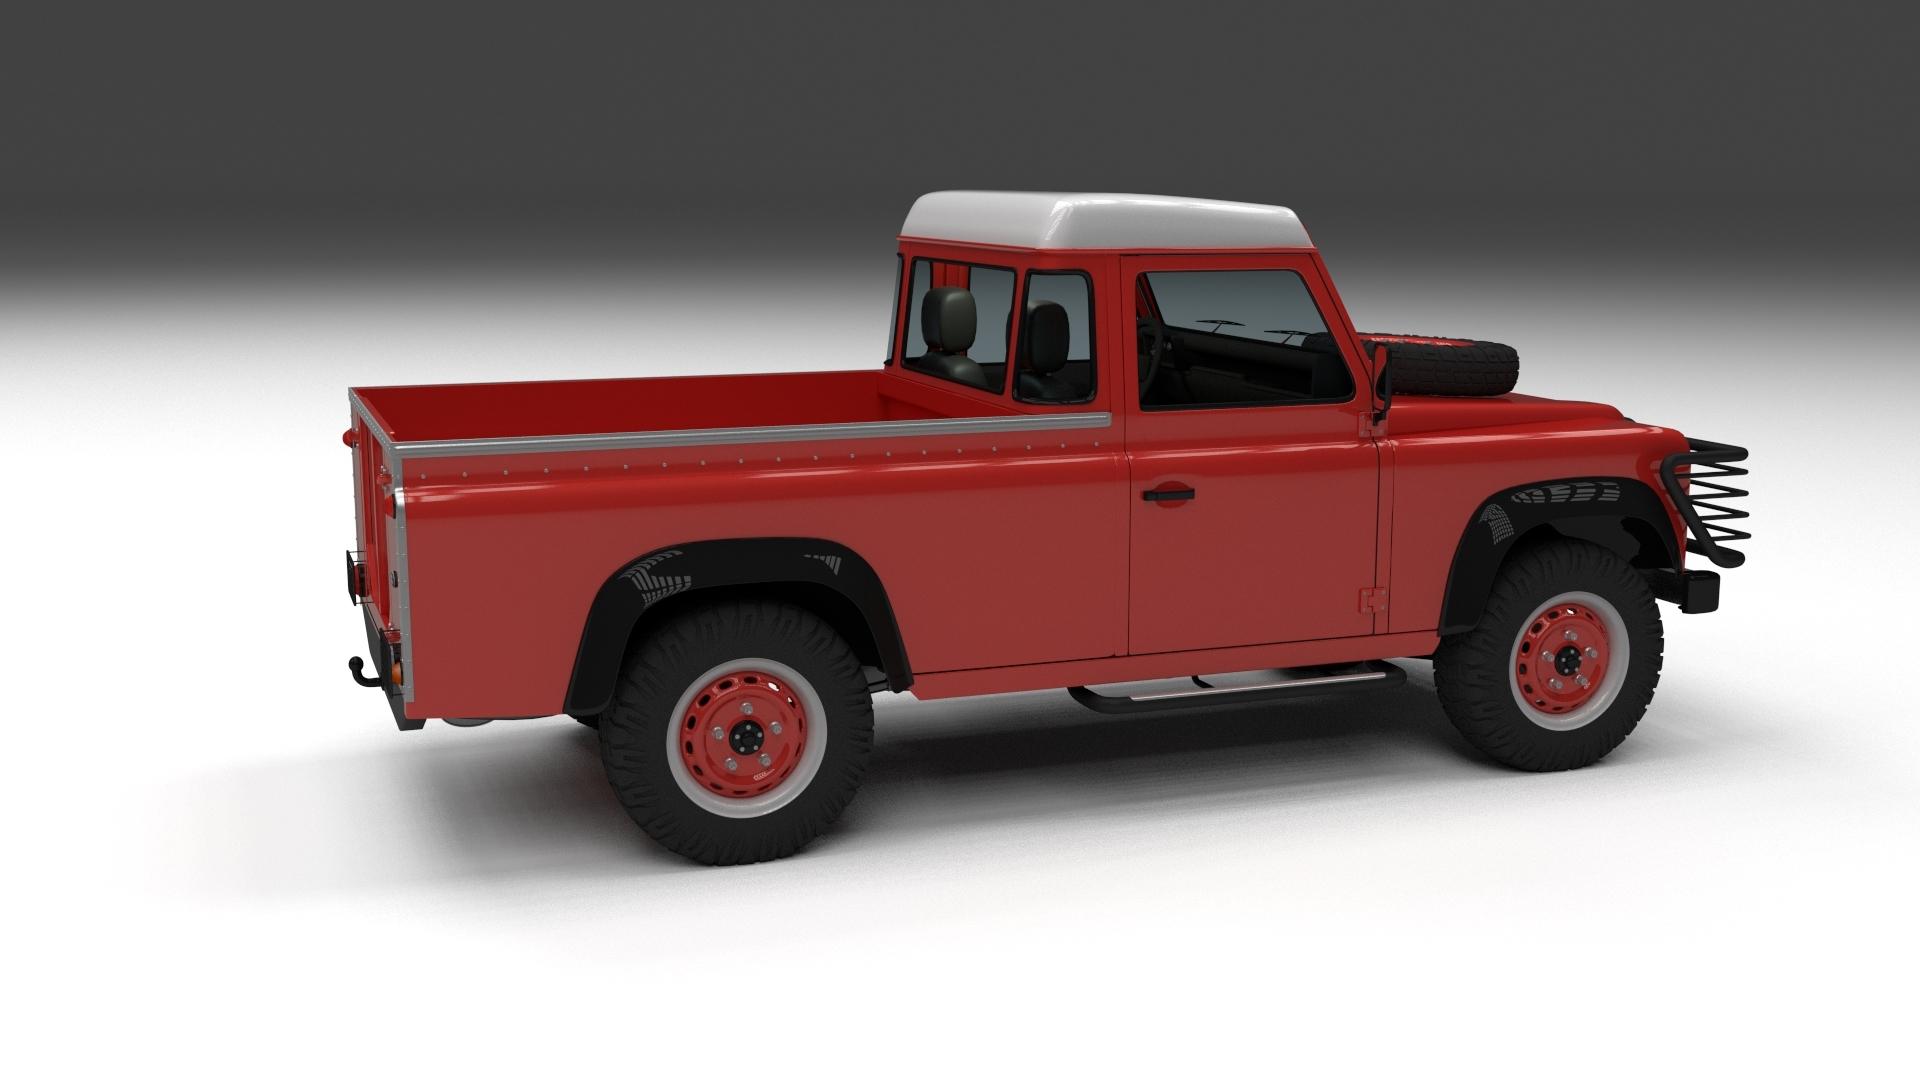 land rover defender 110 pick up w interior hdri 3d model. Black Bedroom Furniture Sets. Home Design Ideas